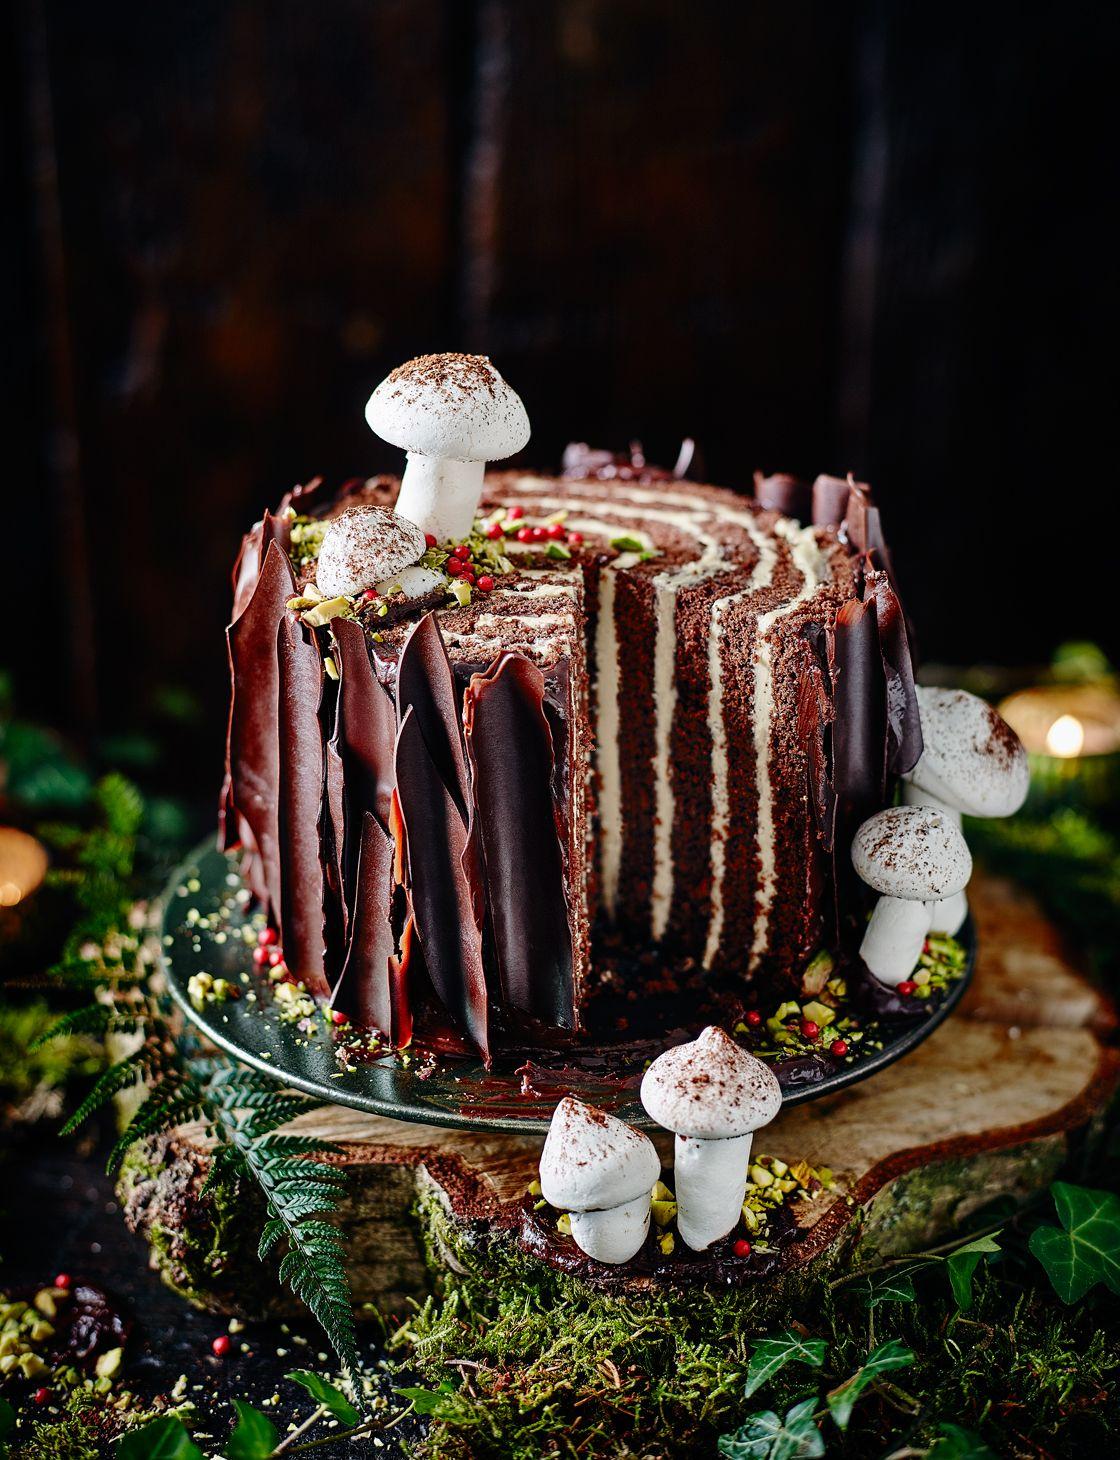 Tree stump cake Recipe in 2020 Yule log cake, Tree